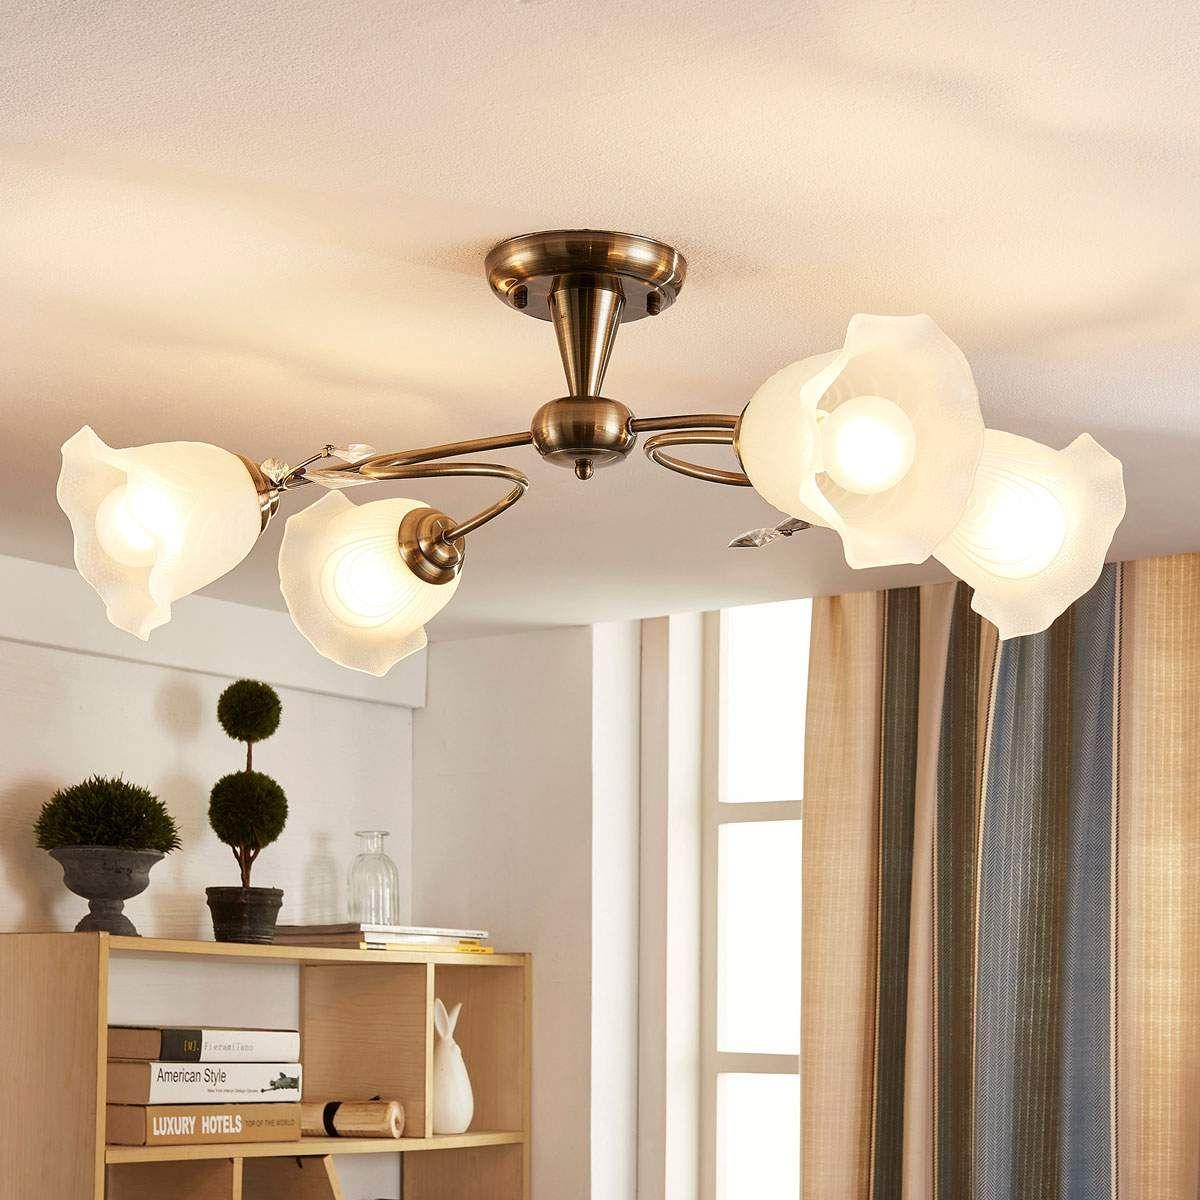 Kuchen Deckenlampe Led Deckenbeleuchtung Wohnzimmer